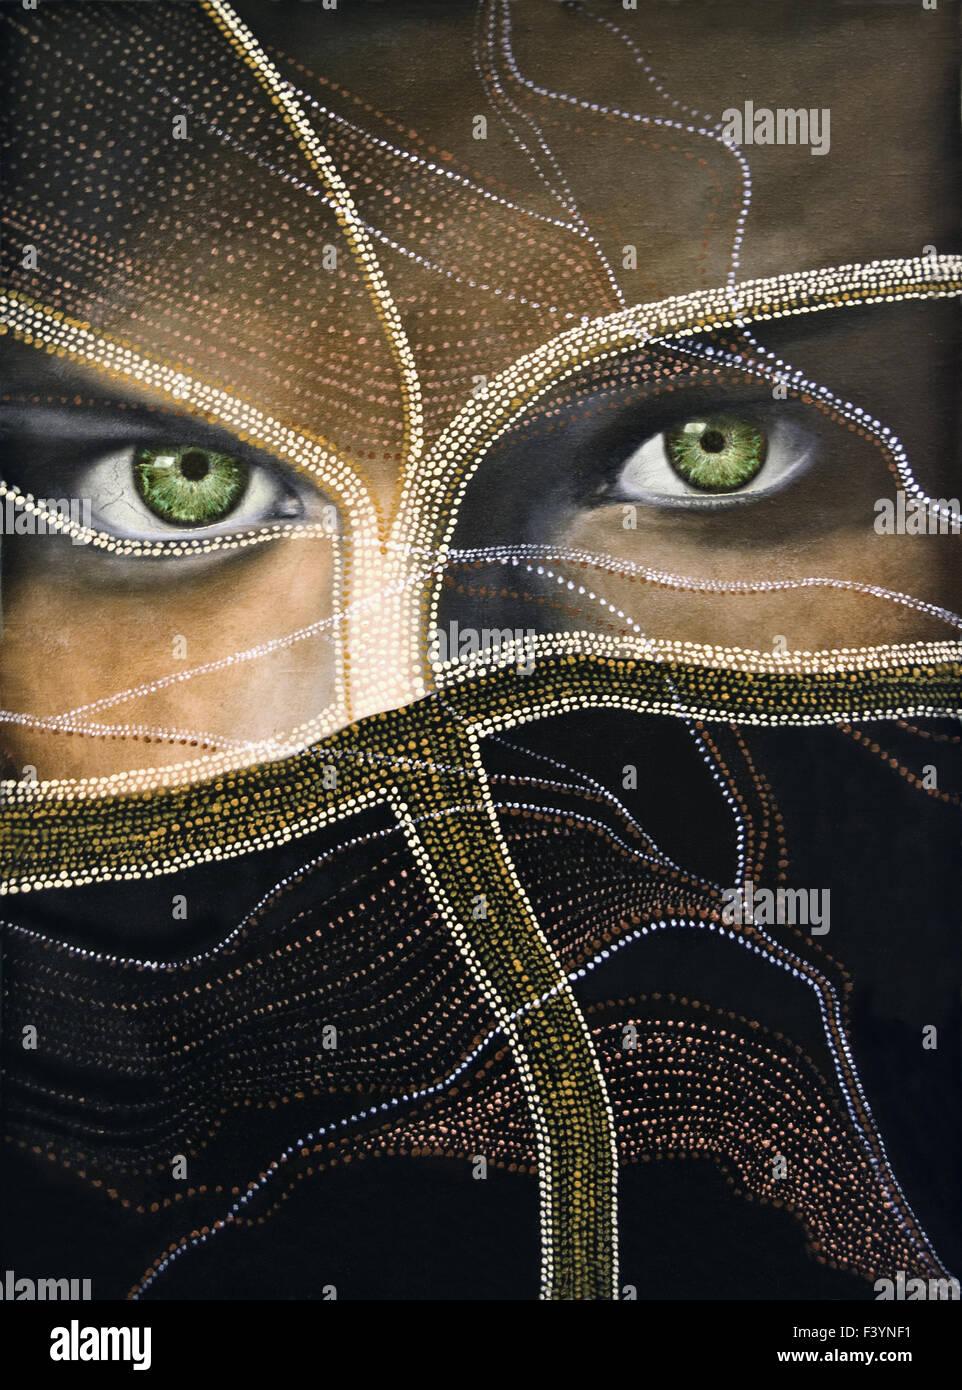 smaragdgrünen Augen Stockbild